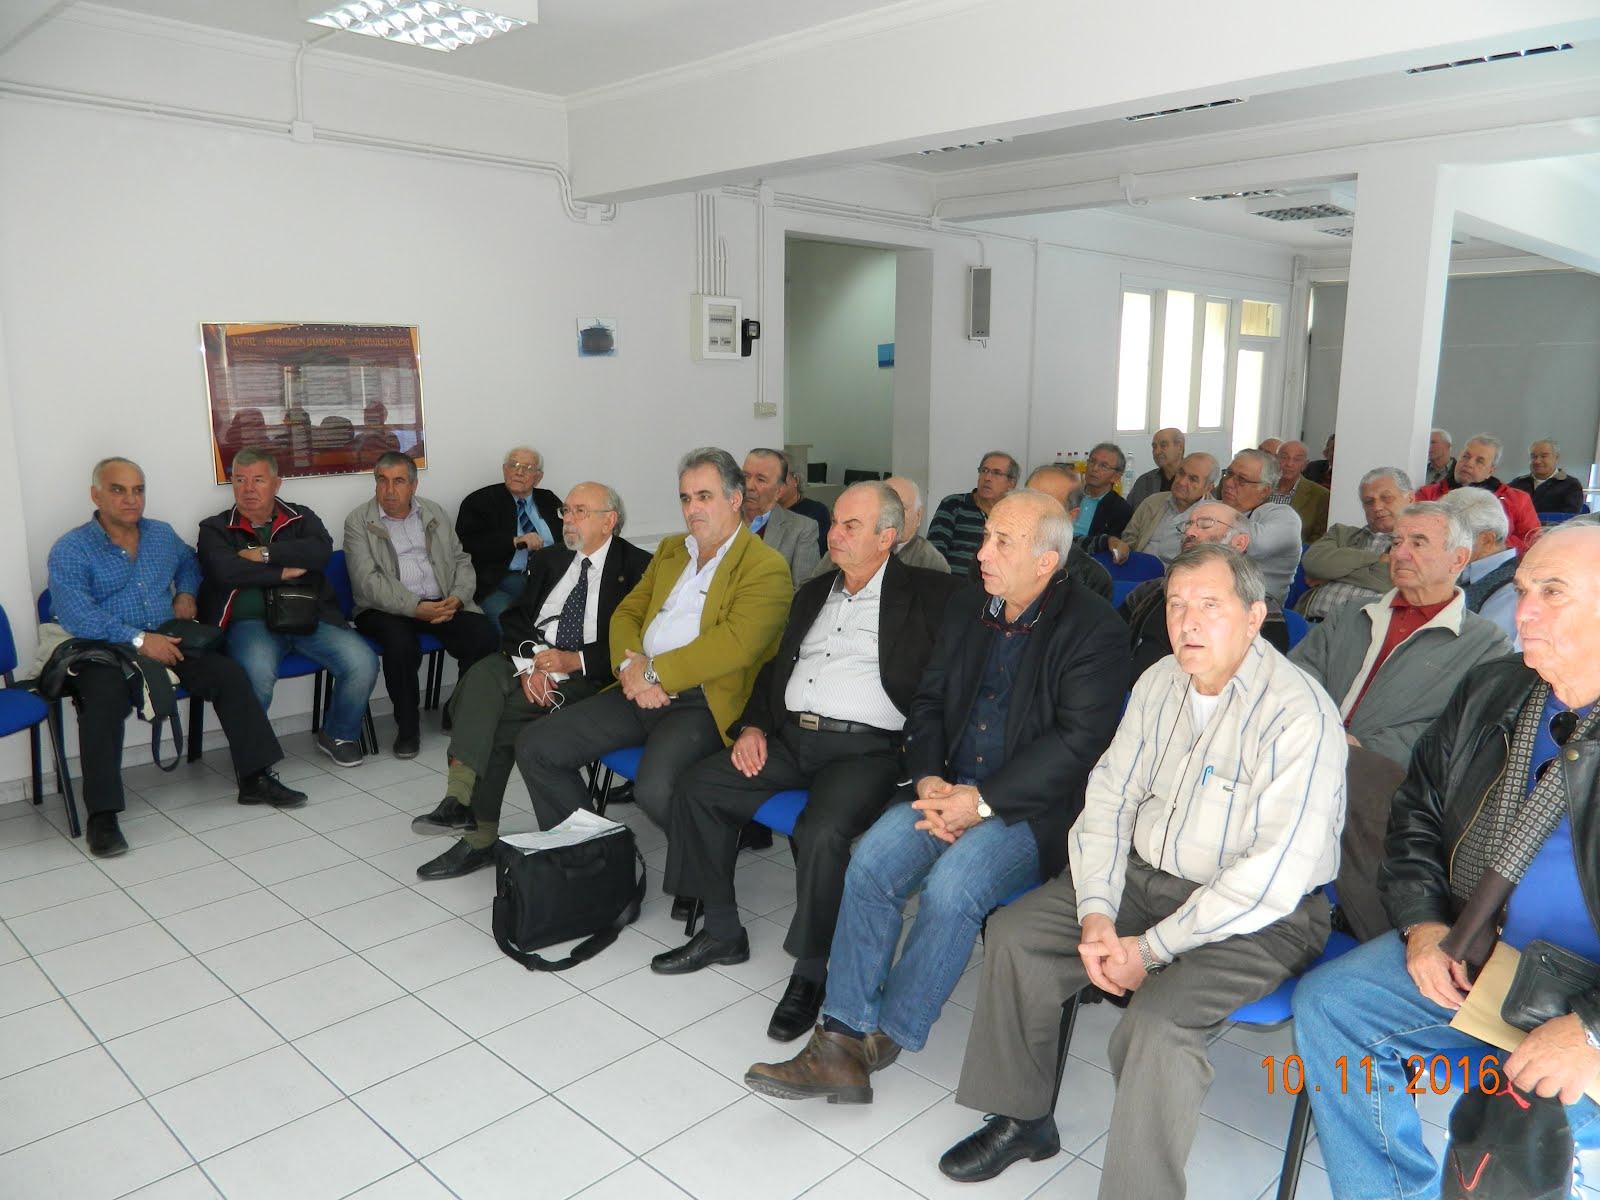 Συνάντηση συνταξιοδοτικών ενώσεων εμπορικού ναυτικού Ελλάδος